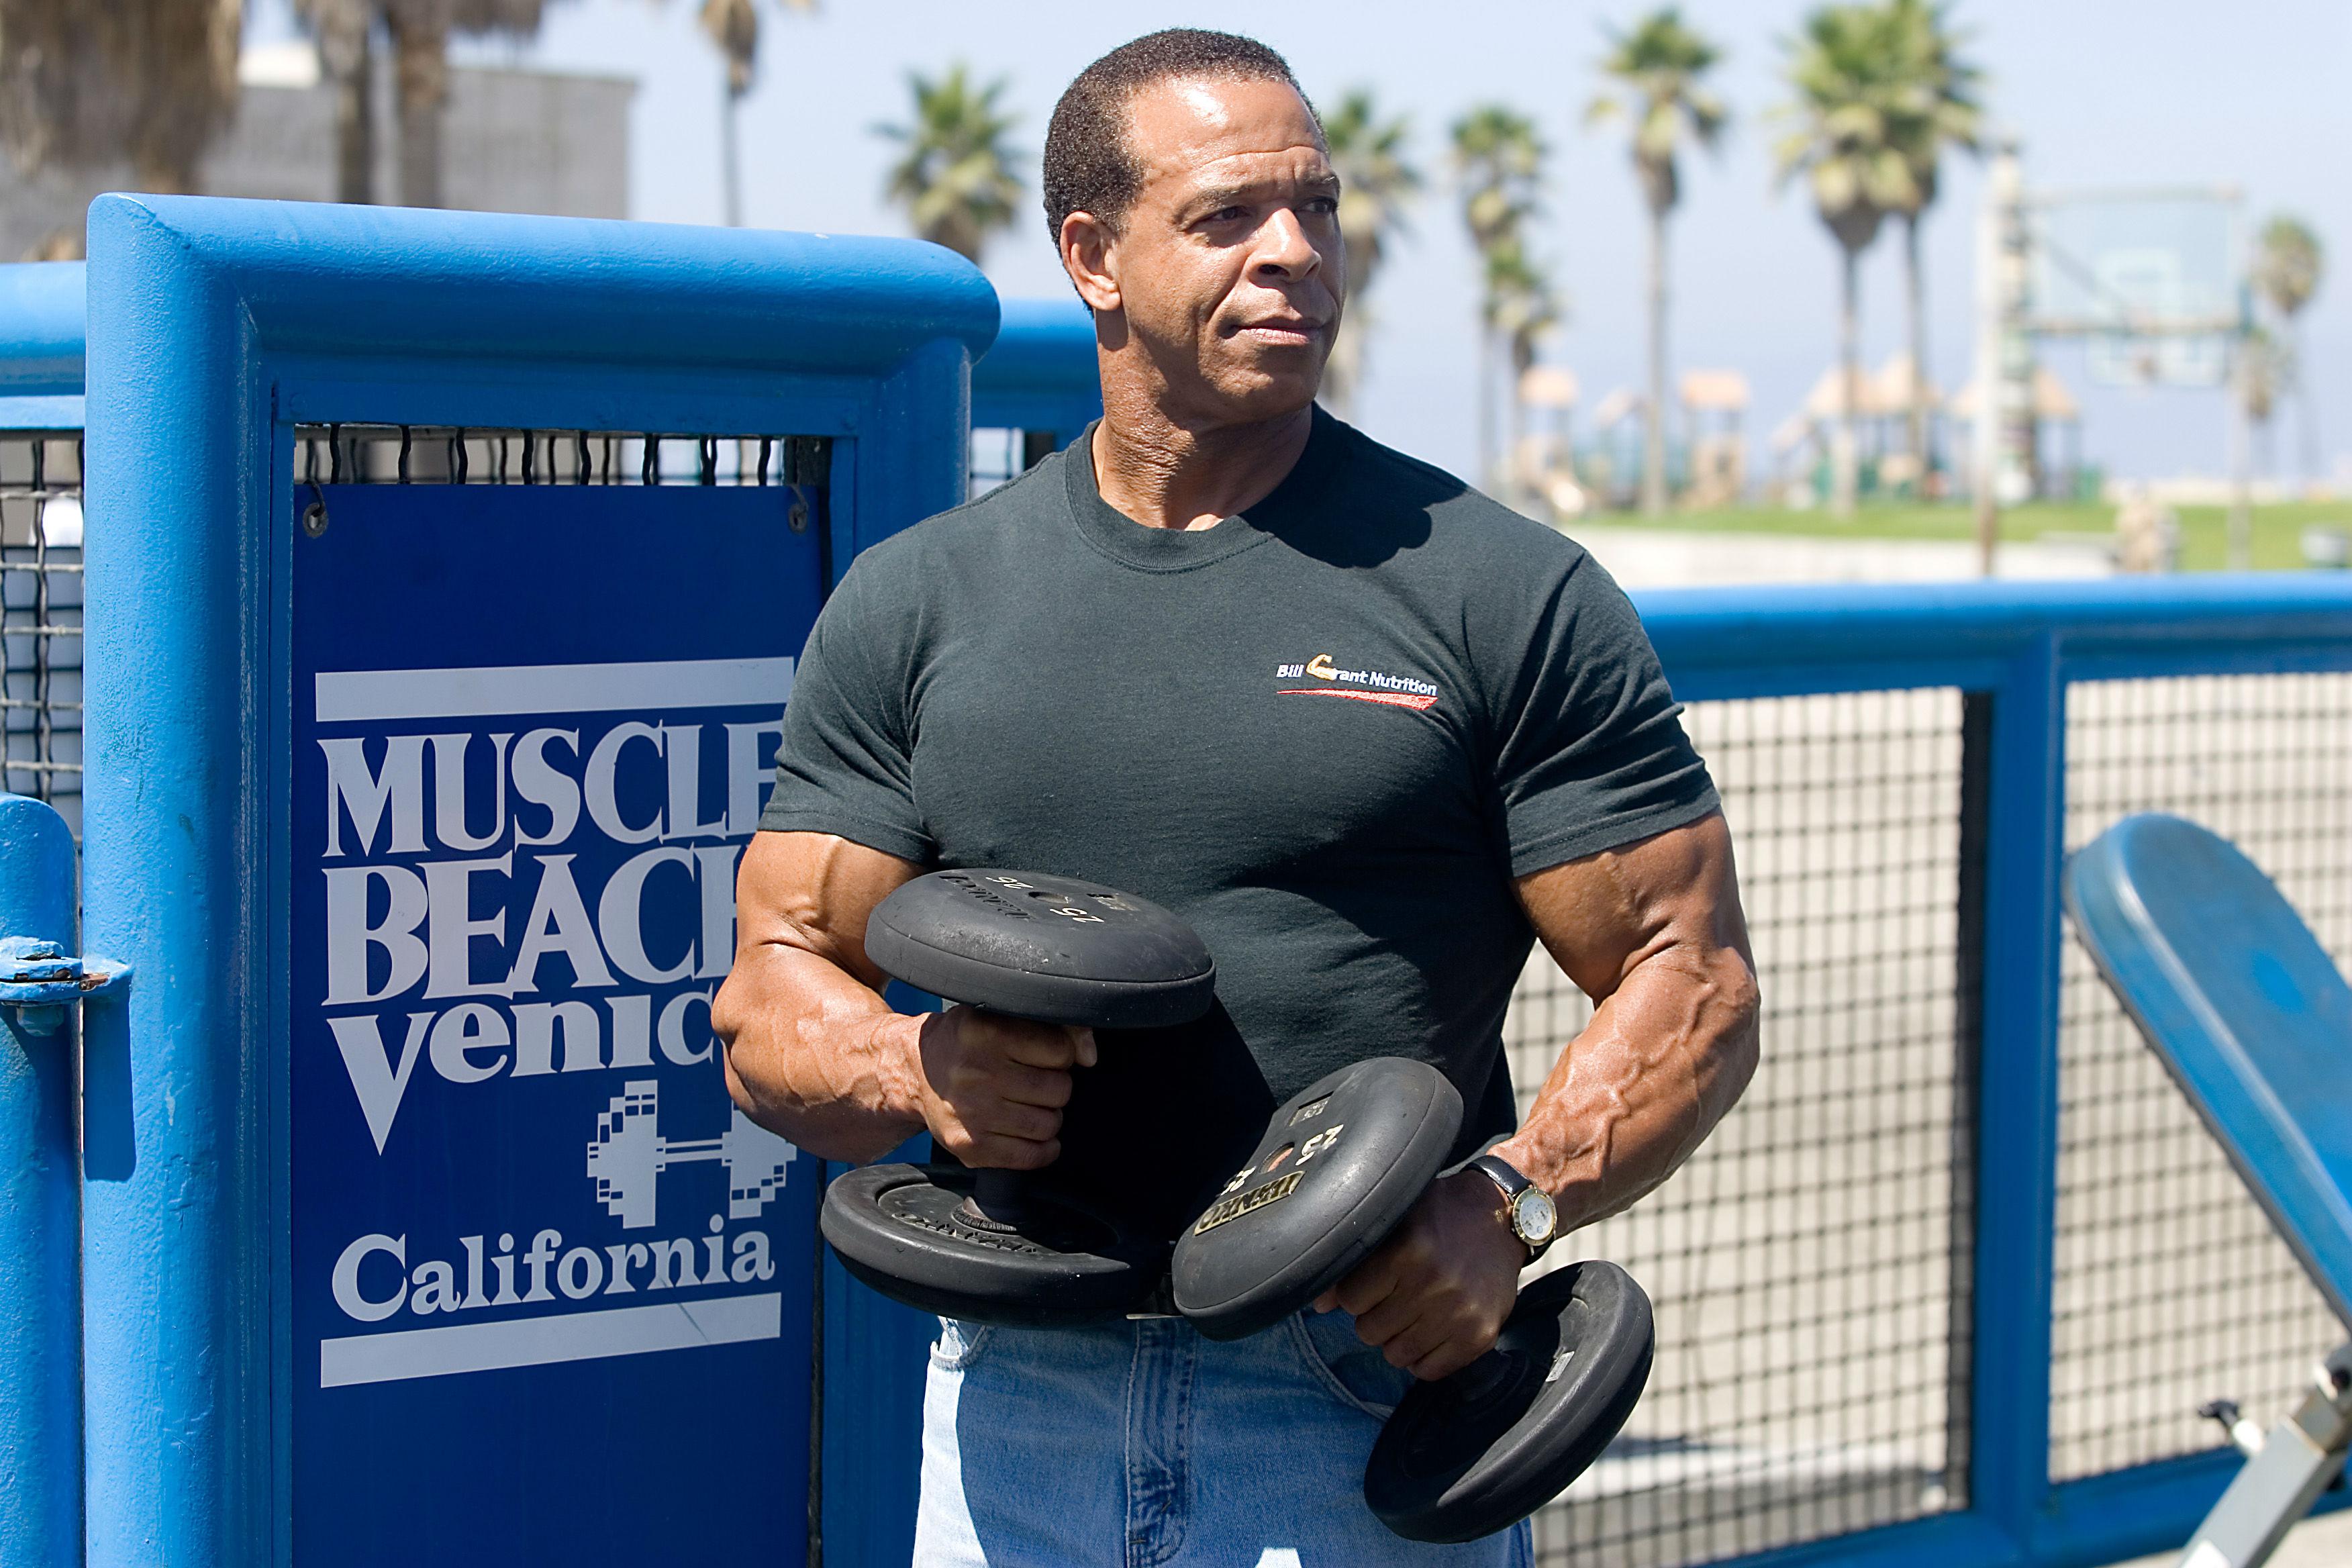 Bill Grant, 60 años De nuevo, nada muy especial con éste tipo, excepto por el hecho de que tiene 60 y se ve extremadamente musculoso.